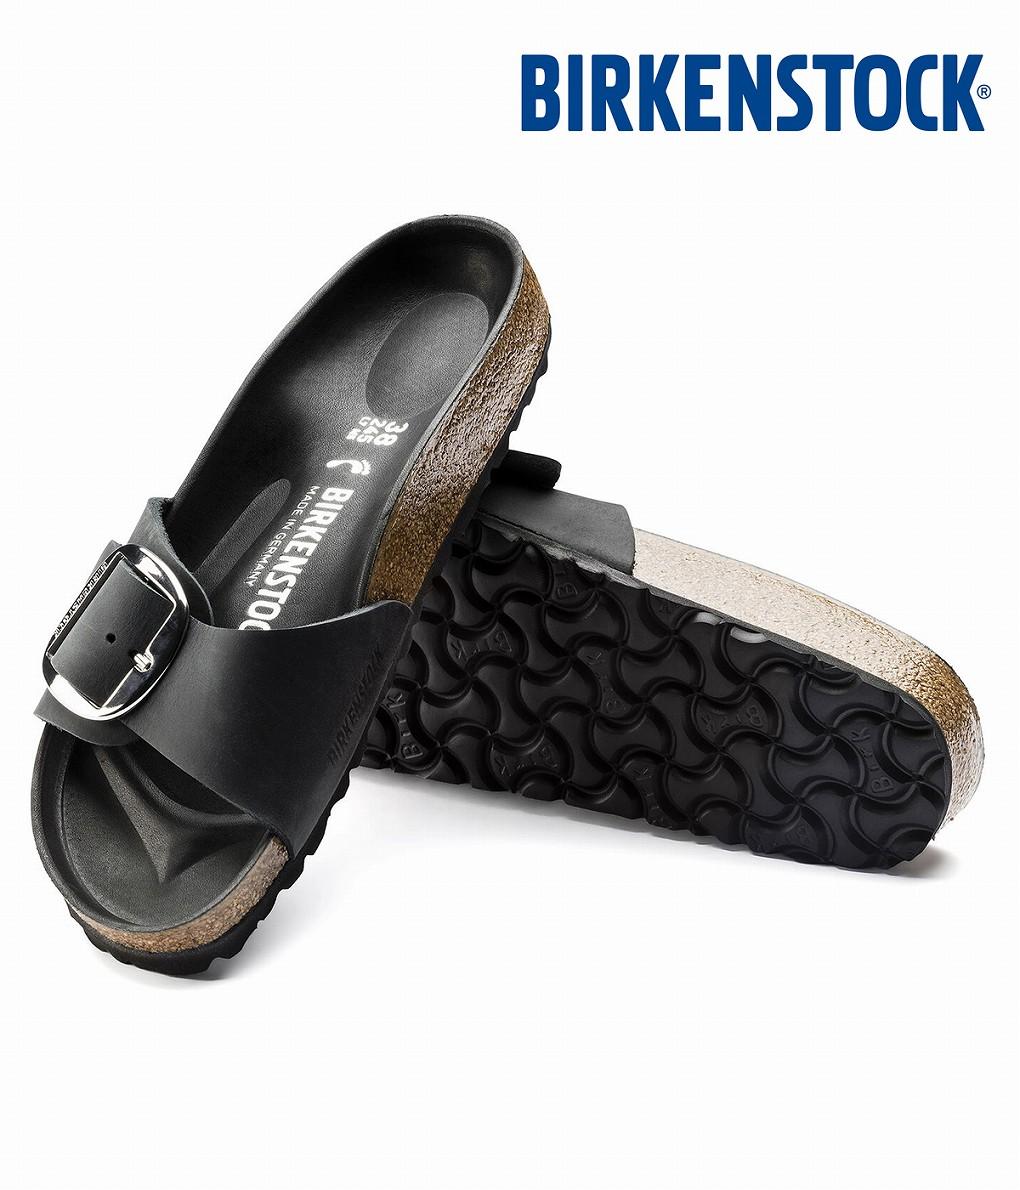 BIRKENSTOCK / ビルケンシュトック : 【レディース】Madrid Big Buckle : ビルケン サンダル マドリッド ビッグ バックル レディース : GC1006523【DEA】